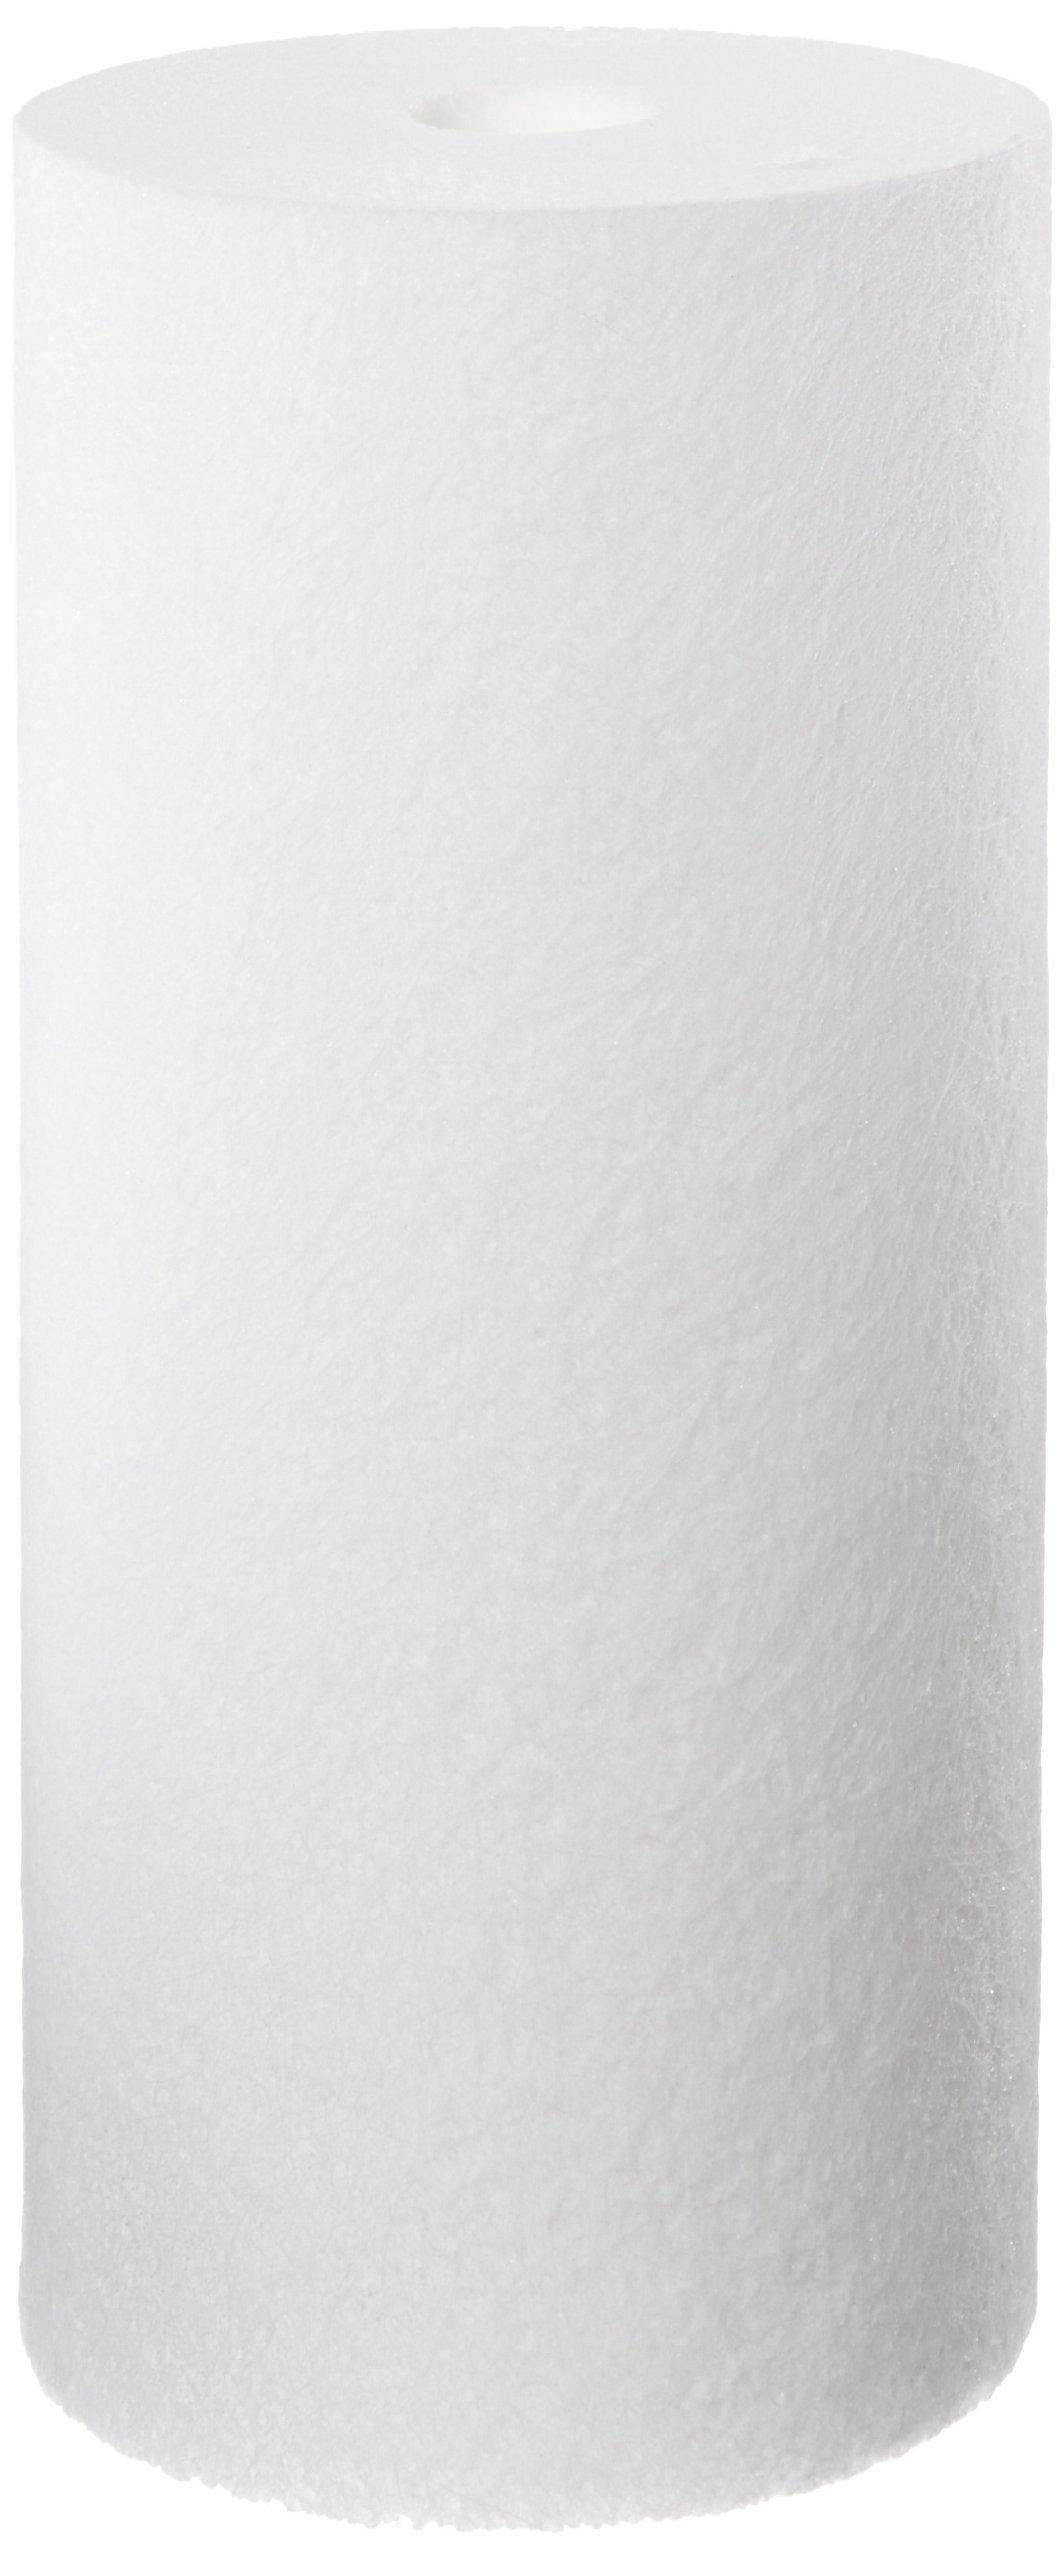 Pentek DGD-7525 Spun Polypropylene Filter Cartridge, 10'' x 4-1/2''